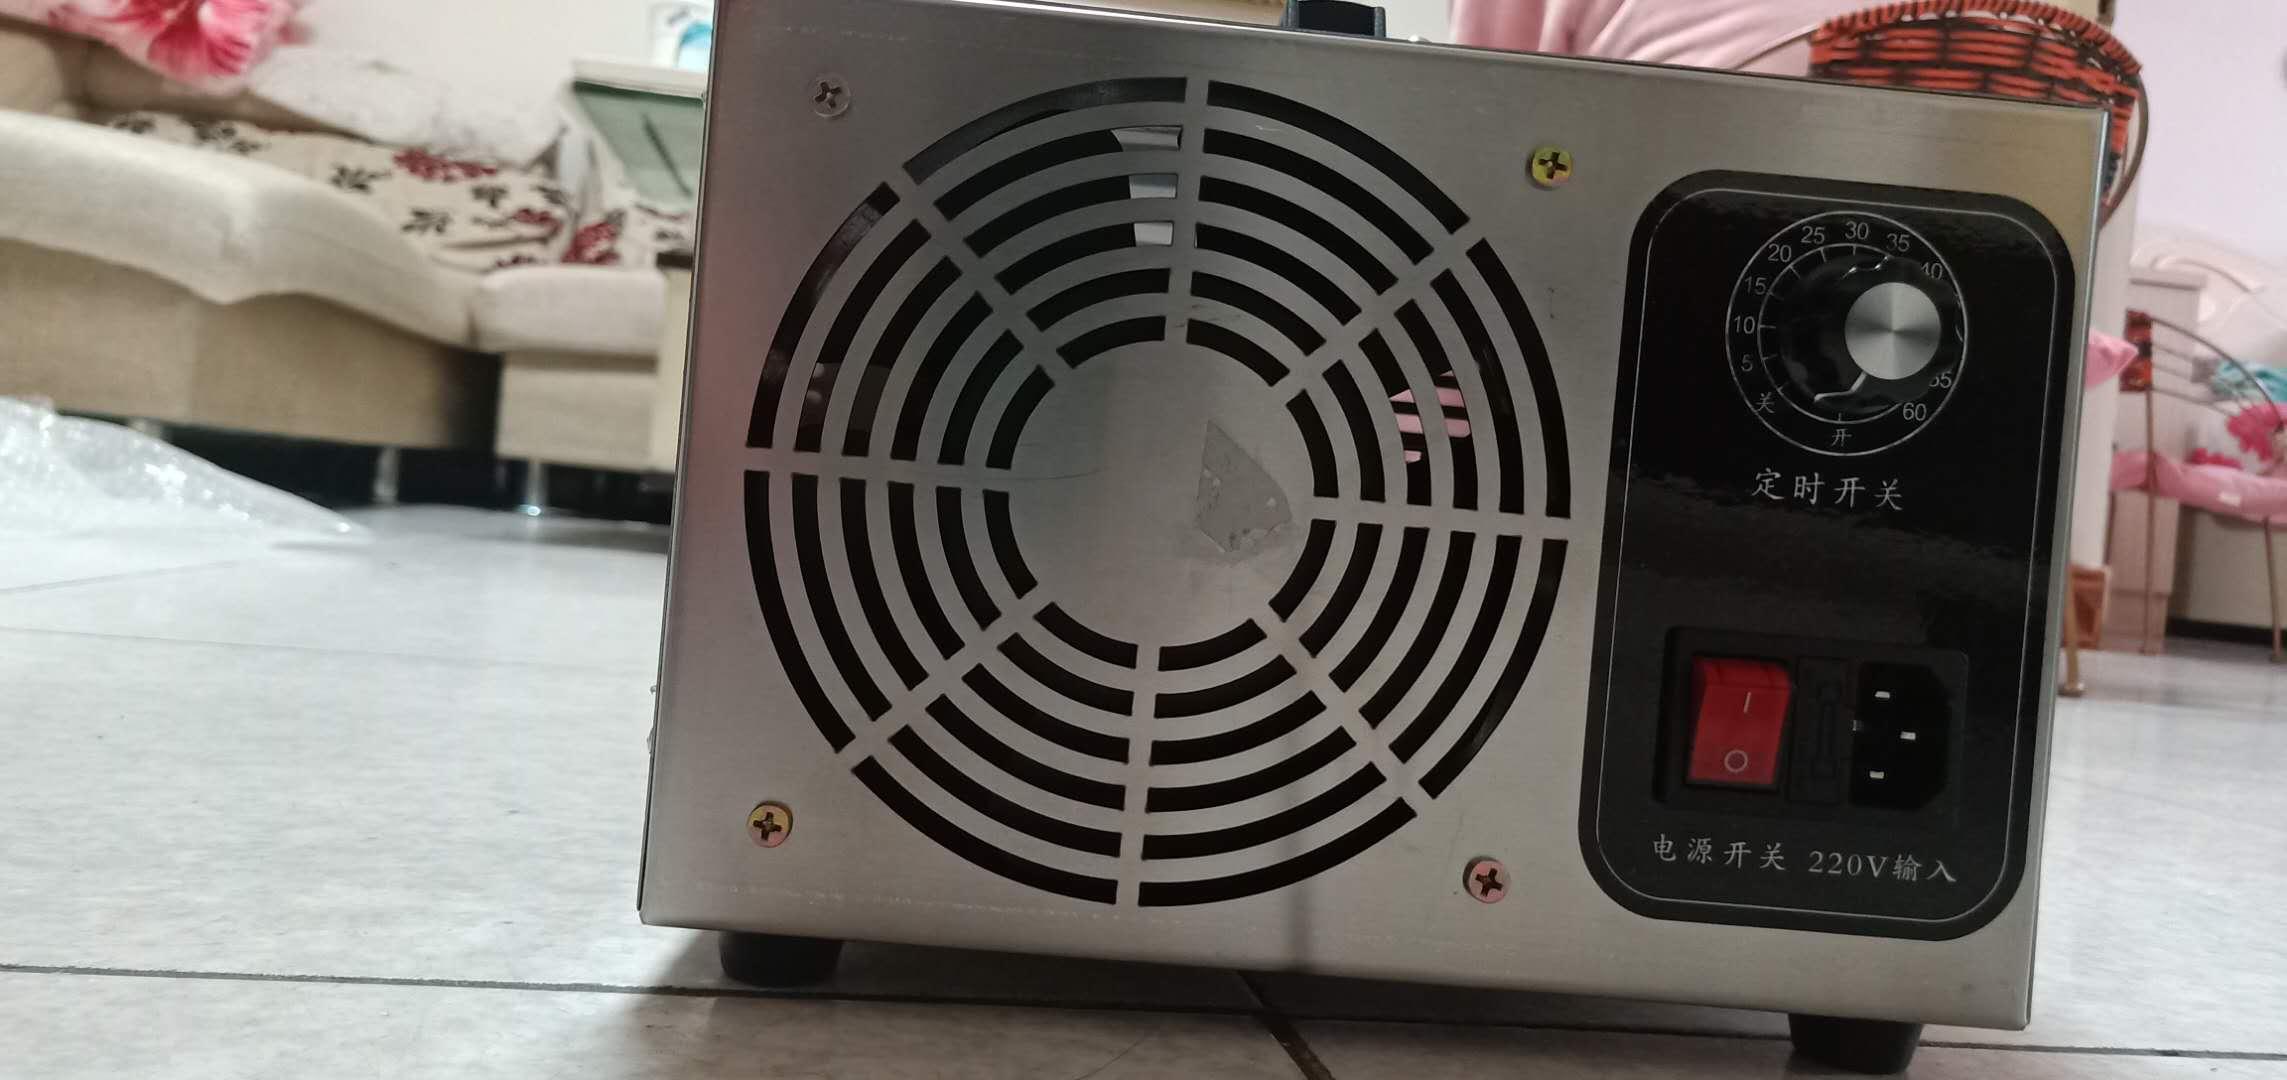 北京制造北京臭氧发生器生产厂家规格齐全,臭氧水机